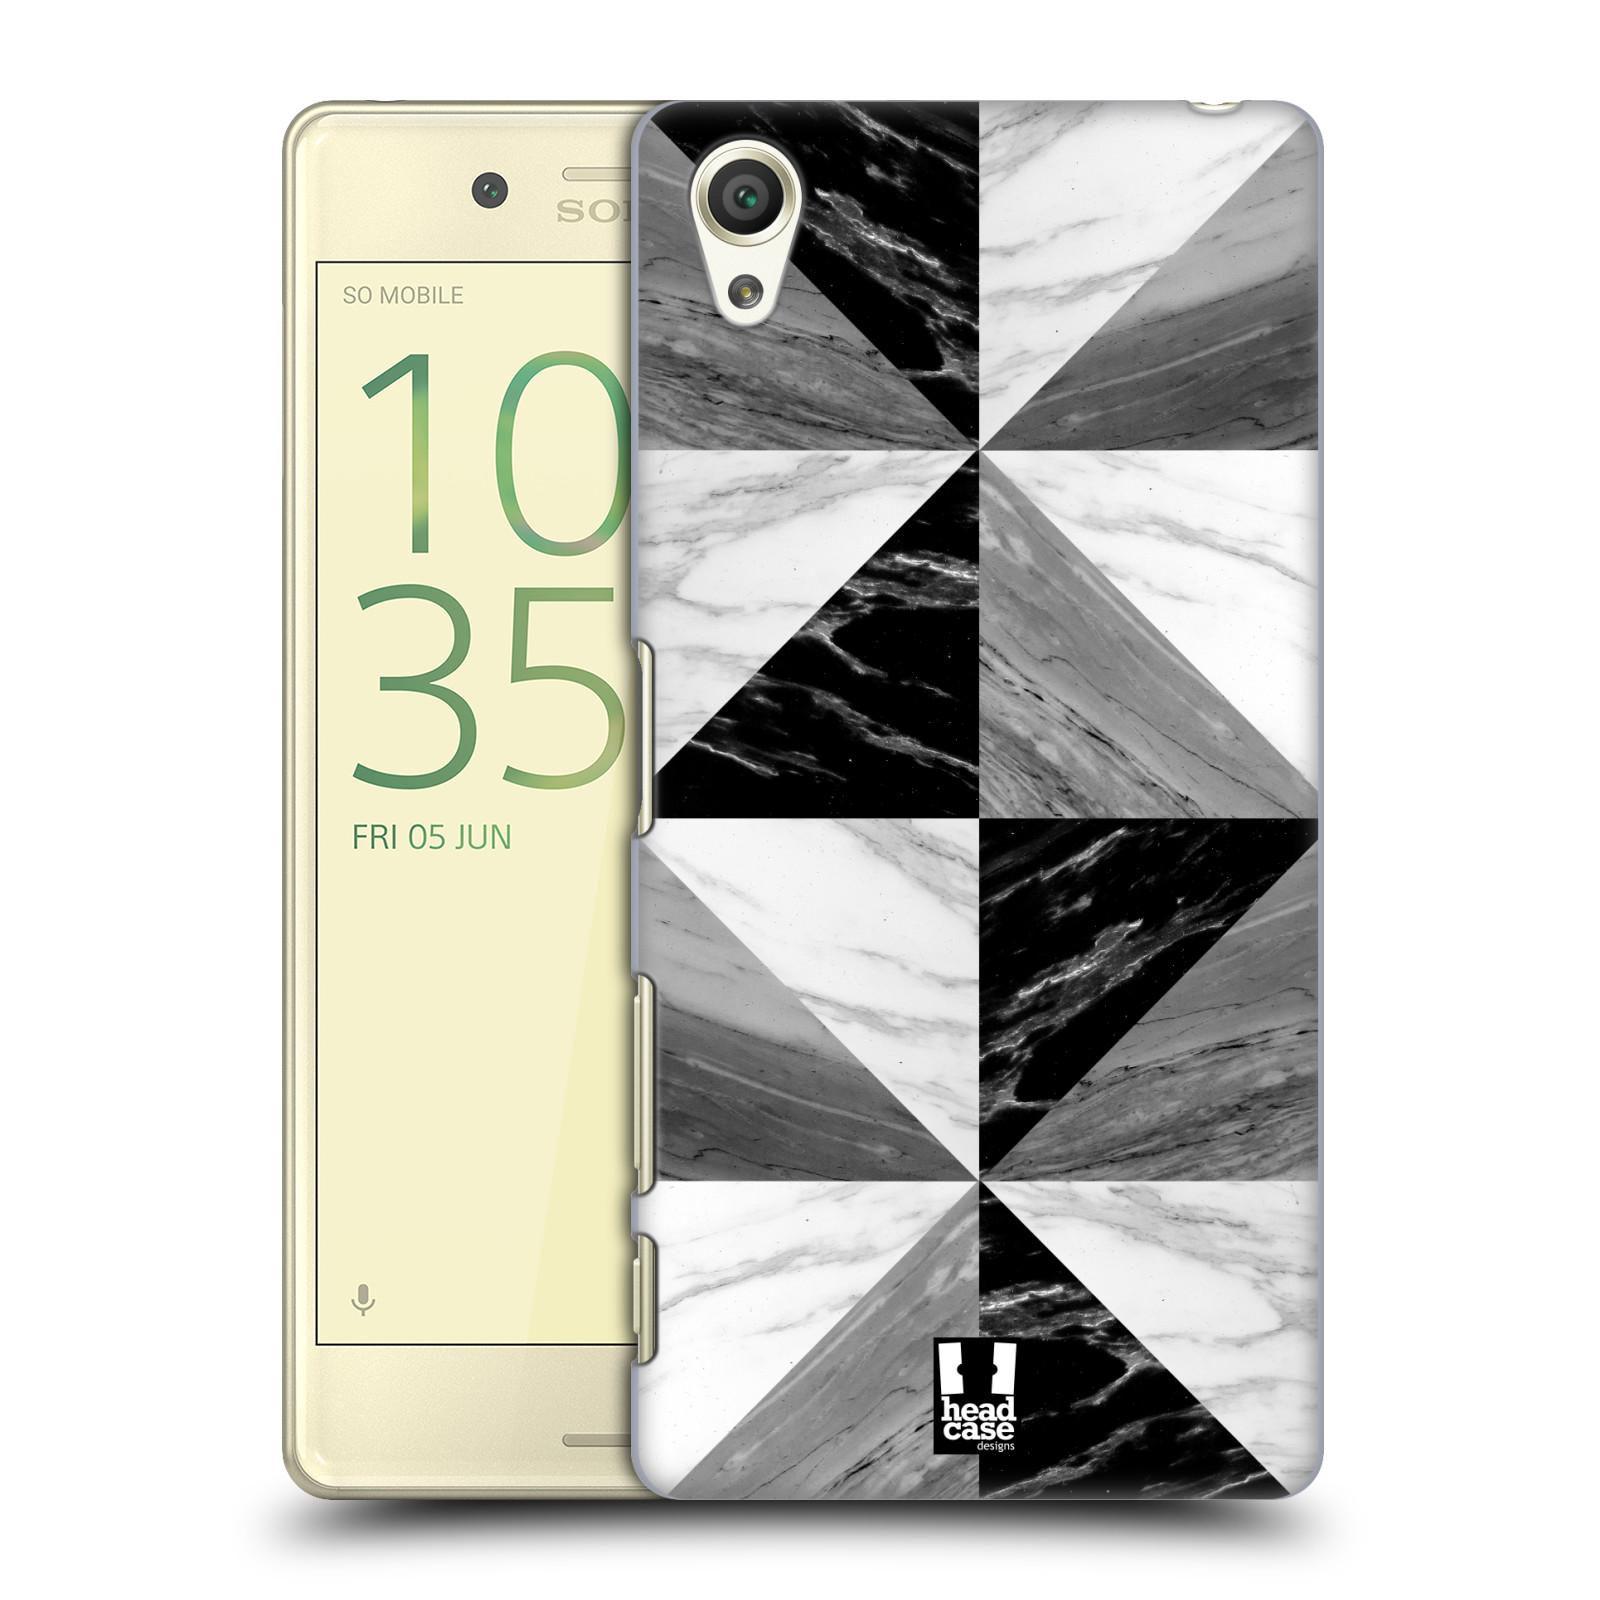 Plastové pouzdro na mobil Sony Xperia X - Head Case - Mramor triangl